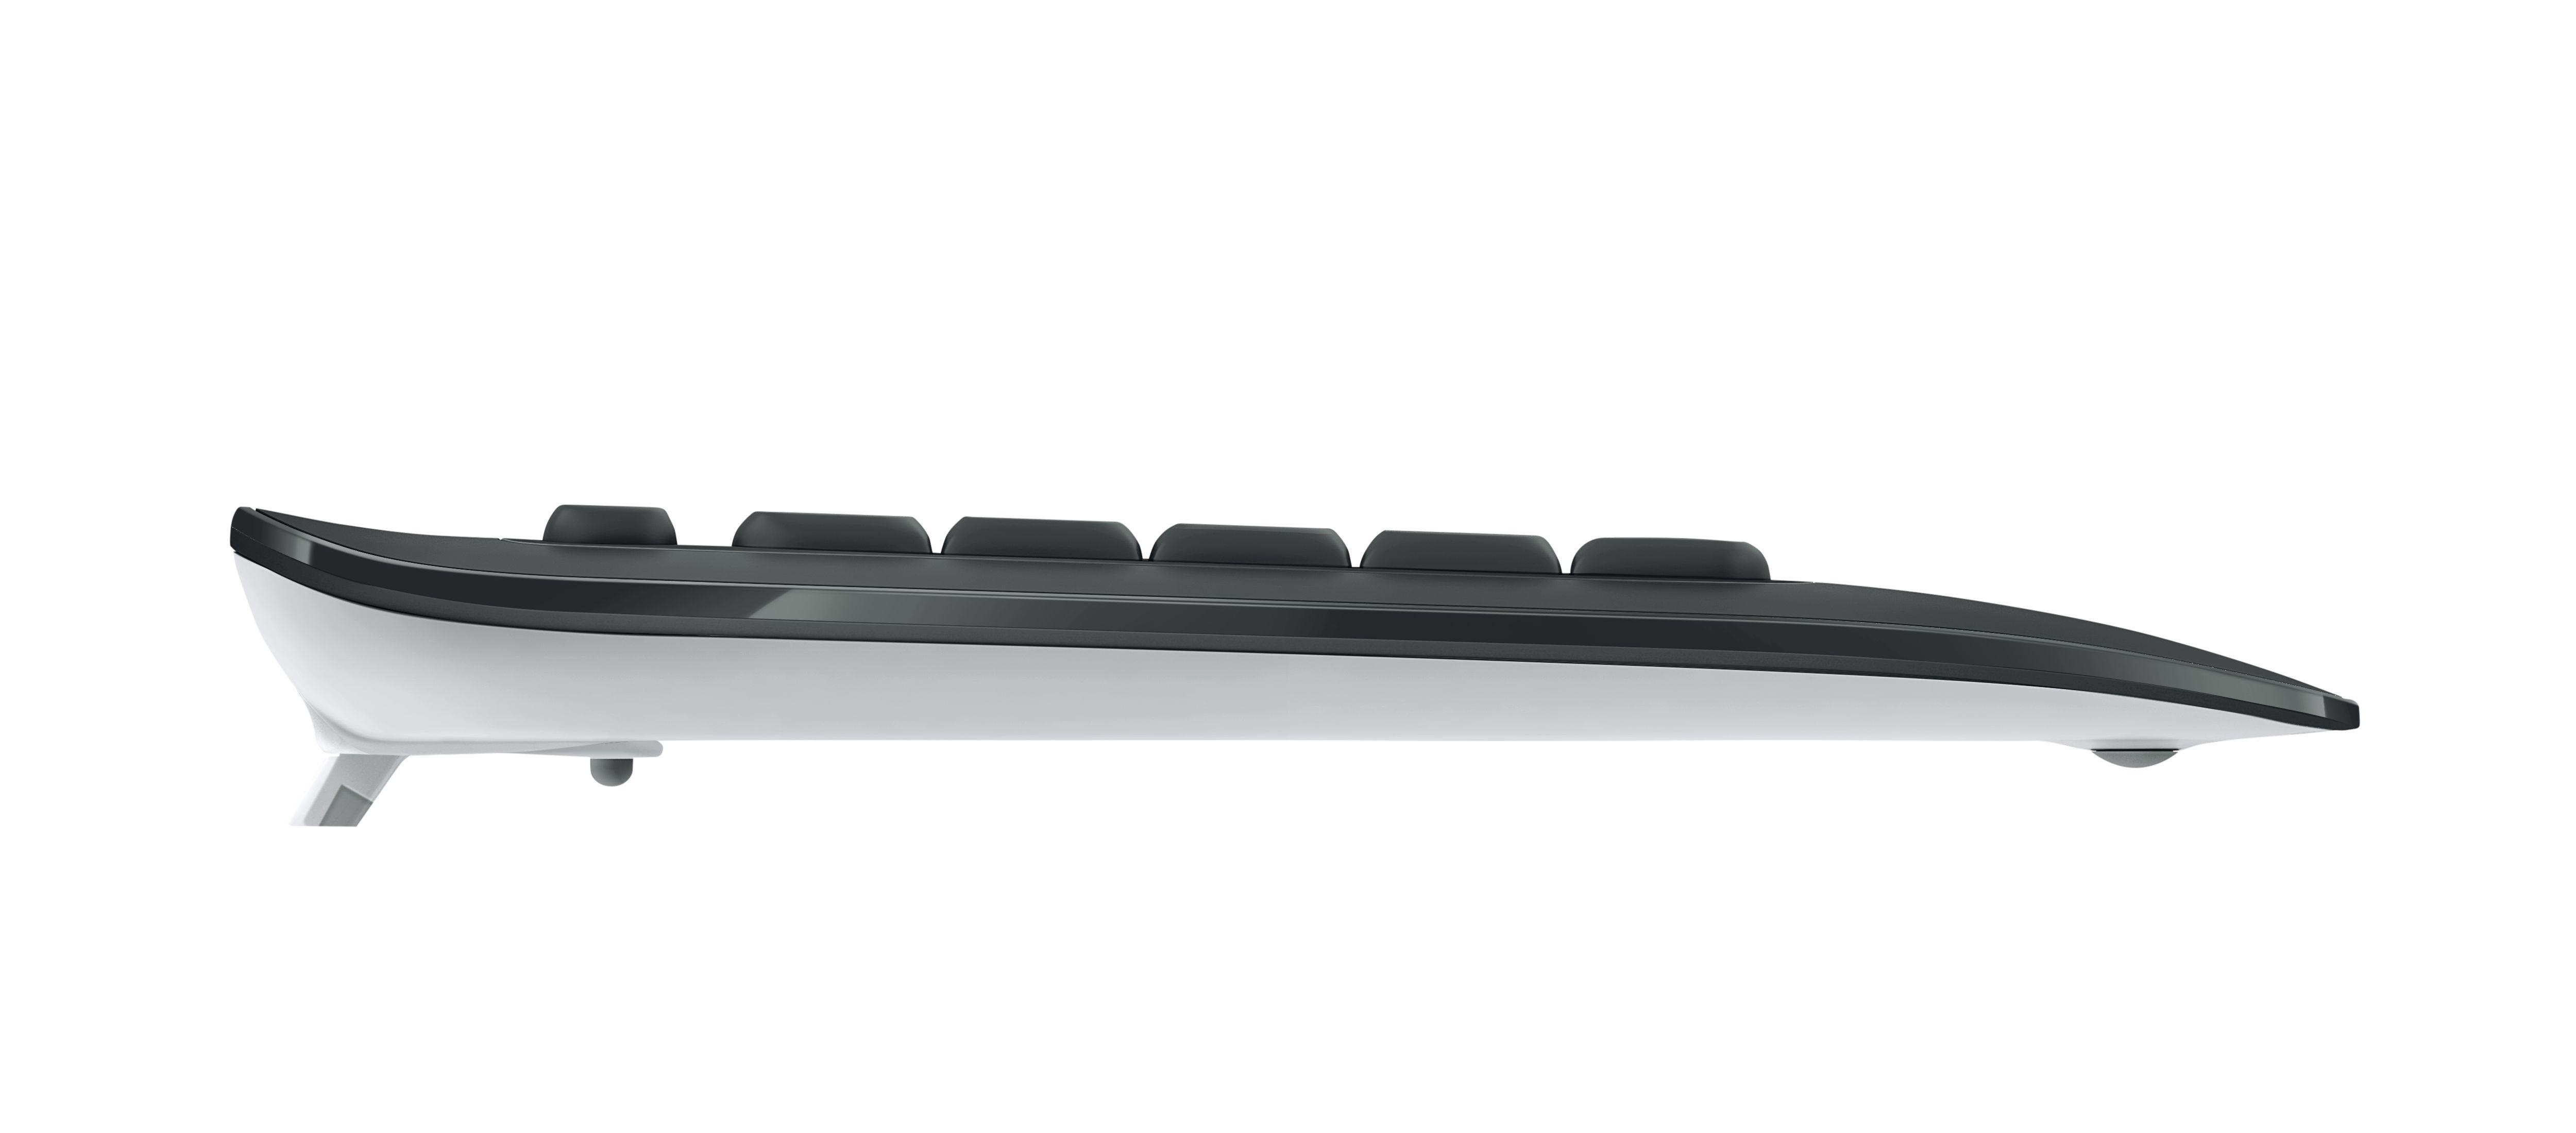 Logitech MK540 Advanced wireless keyboard + mouse set, draadloos, 2.4 GHz, vs internationaal